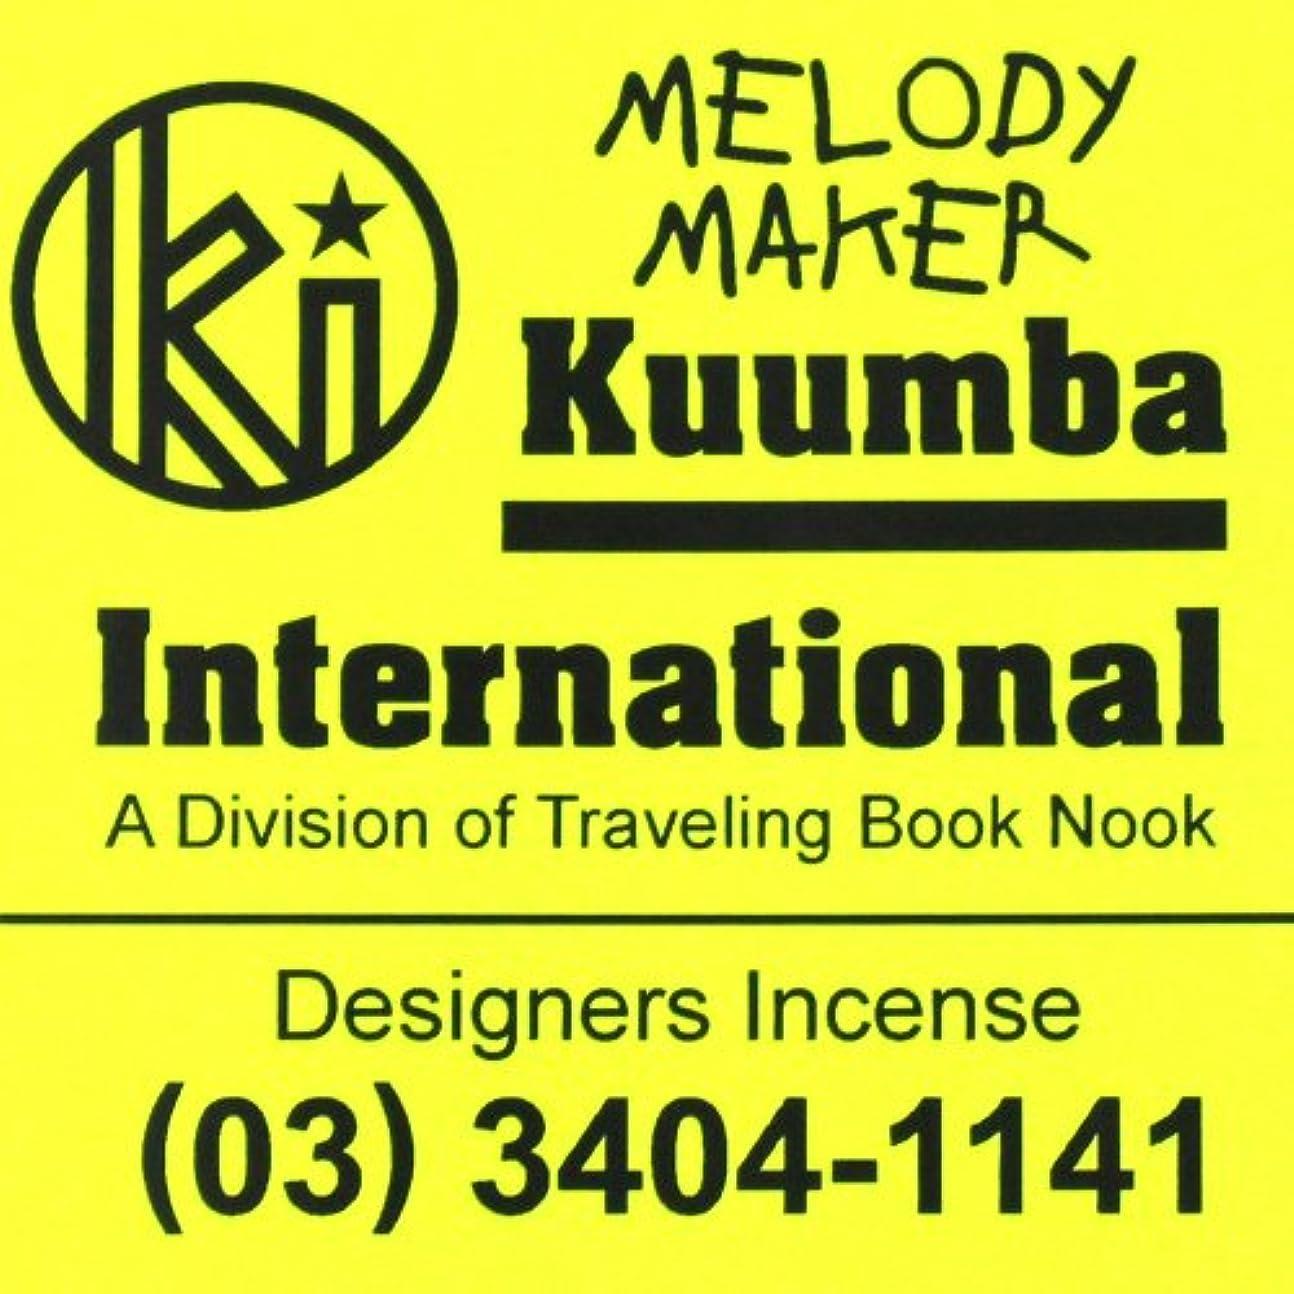 真向こう半球流(クンバ) KUUMBA『classic regular incense』(MELODY MAKER) (Regular size)